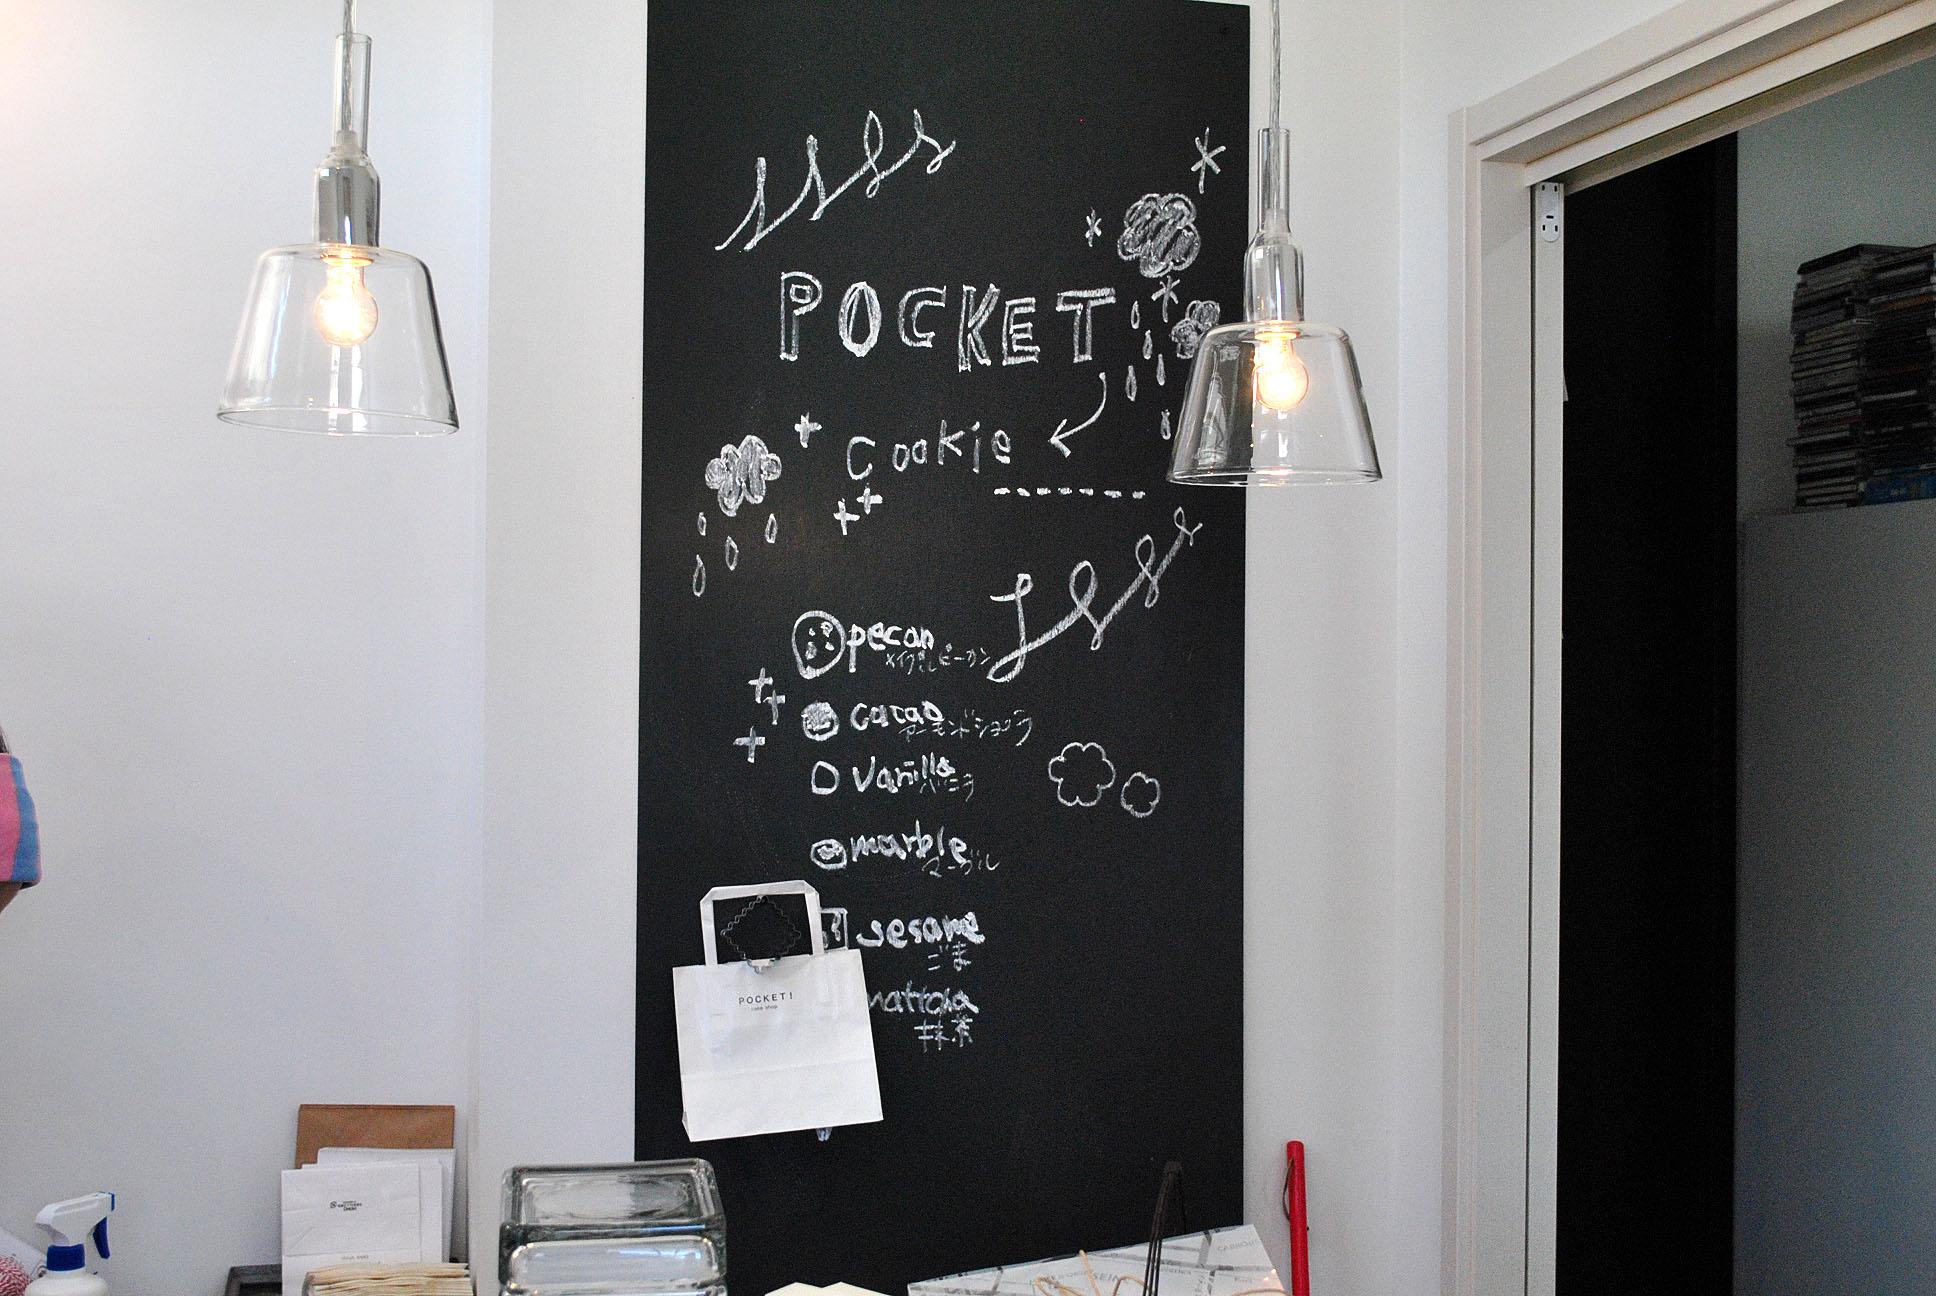 住宅街の小さなケーキ屋さん。福岡市西区の「POCKET(ポケット)」。